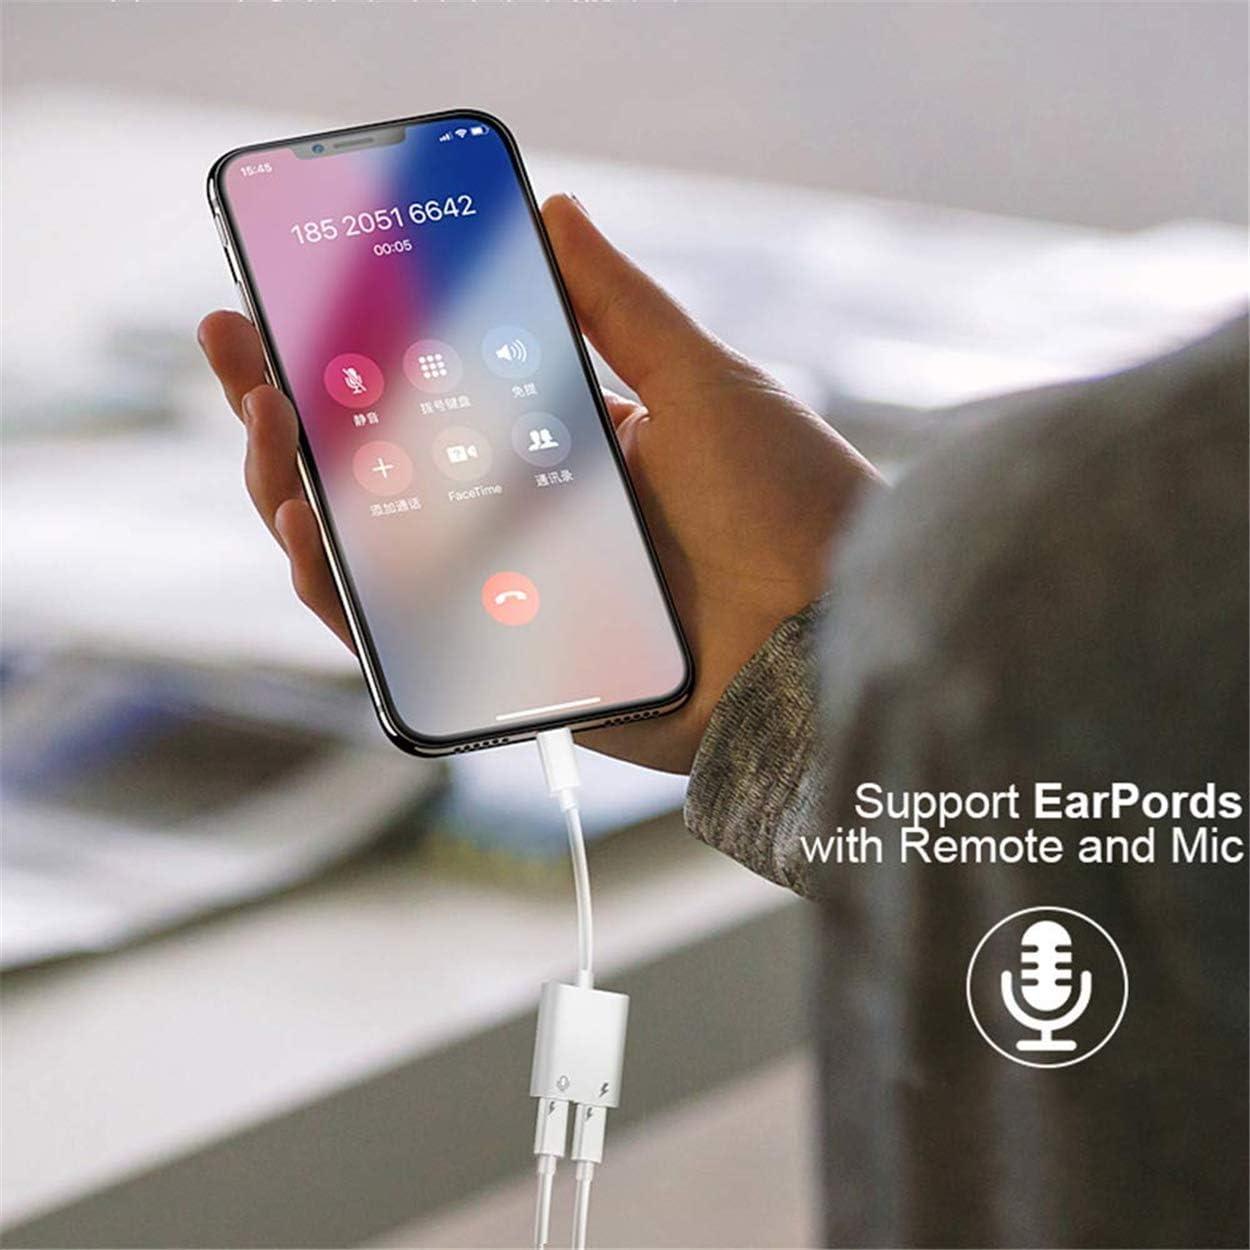 Adaptateur Casque pour iPhone Xr AUX Adaptateur Double Ecouteur et Adaptateur C/âble pour iPhone 7//7Plus//8//8Plus//X//Xs//11//11Pro Convertisseur Audio T/él/éphone Volume Contr/ôle SoutenirTous Les iOS-Blanc